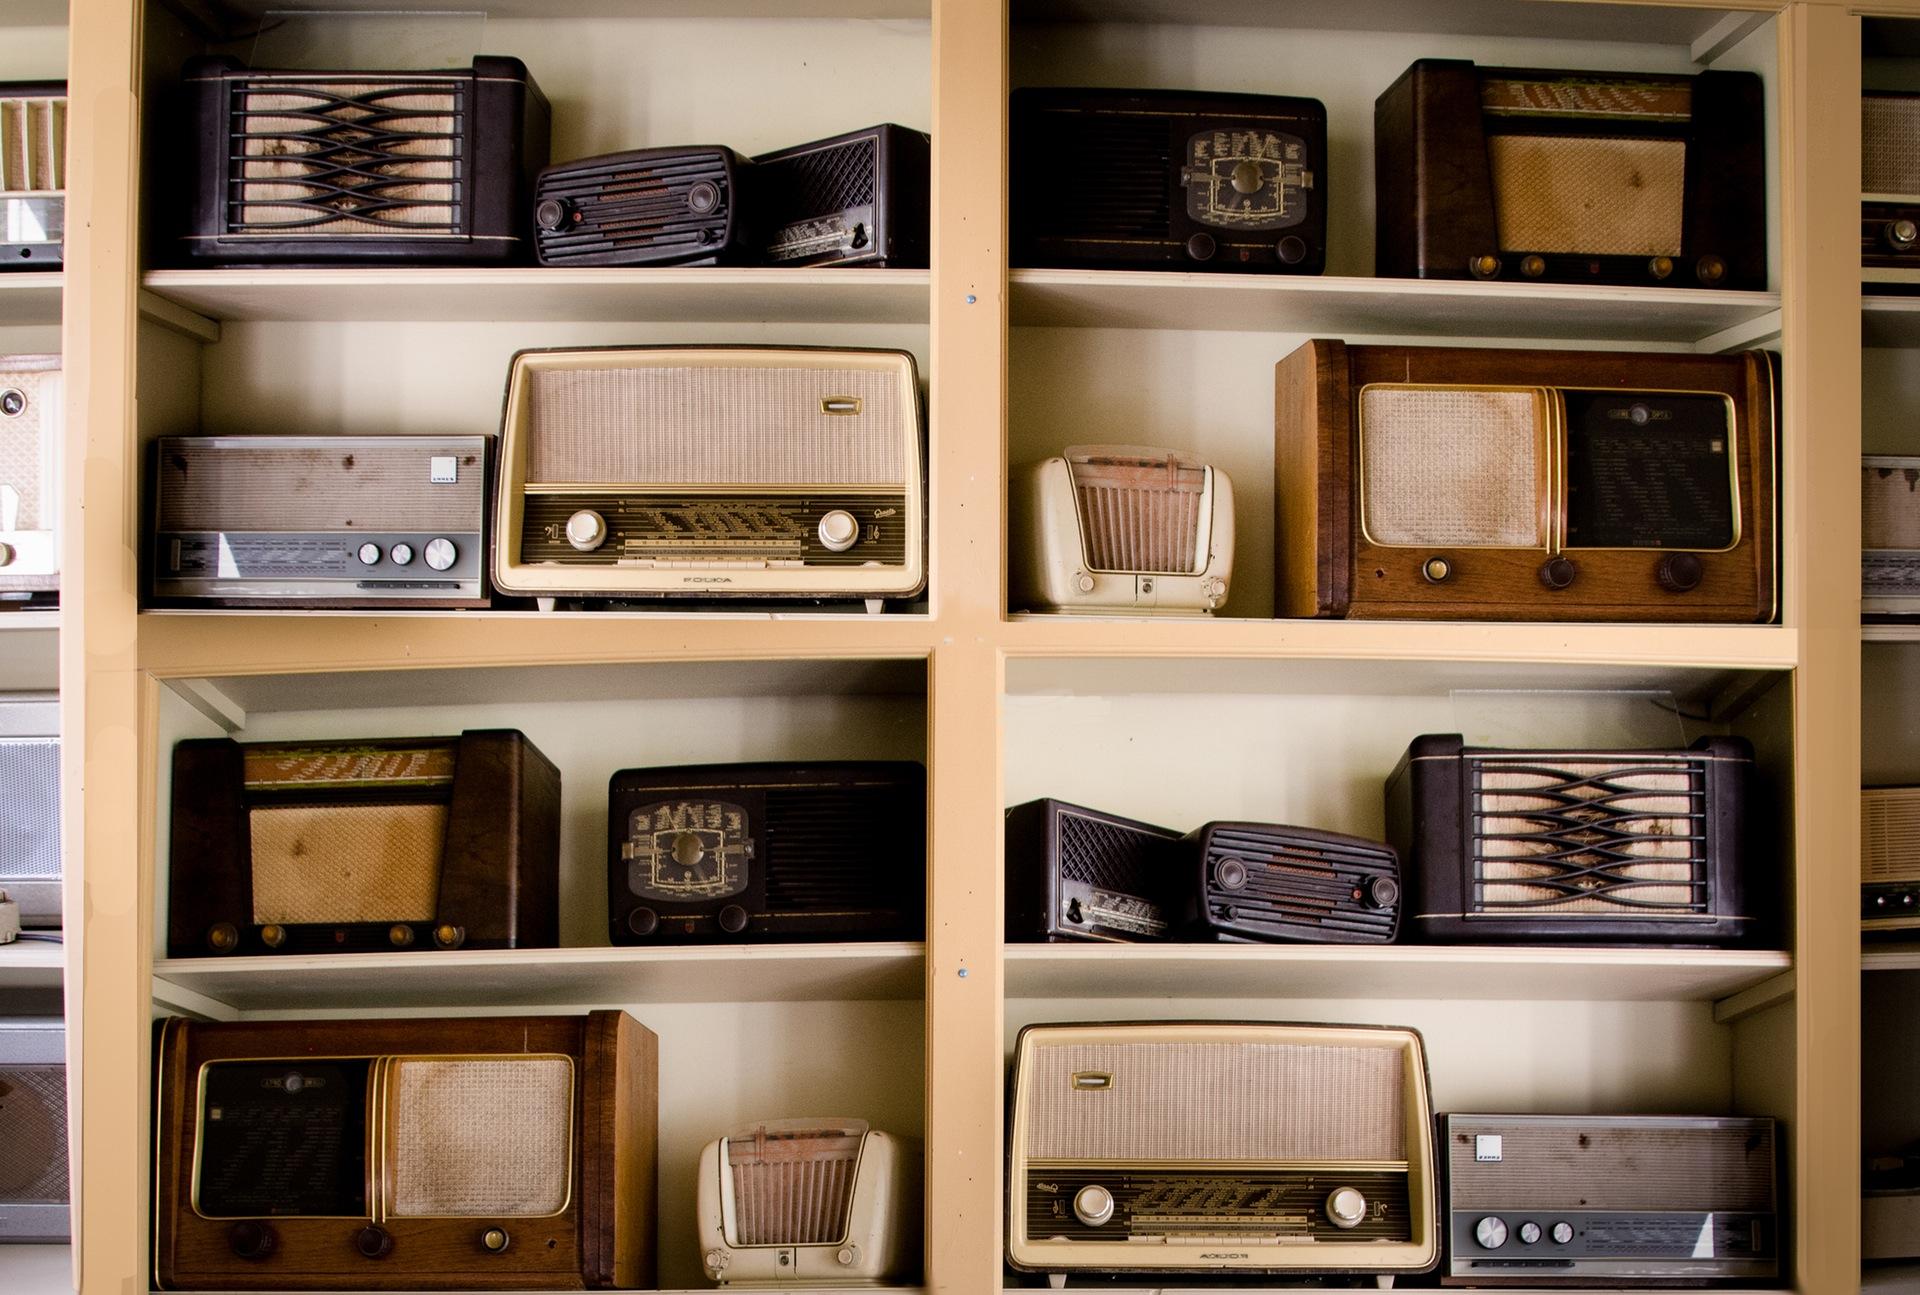 radio, colección, estantería, vintage, antiguo - Fondos de Pantalla HD - professor-falken.com